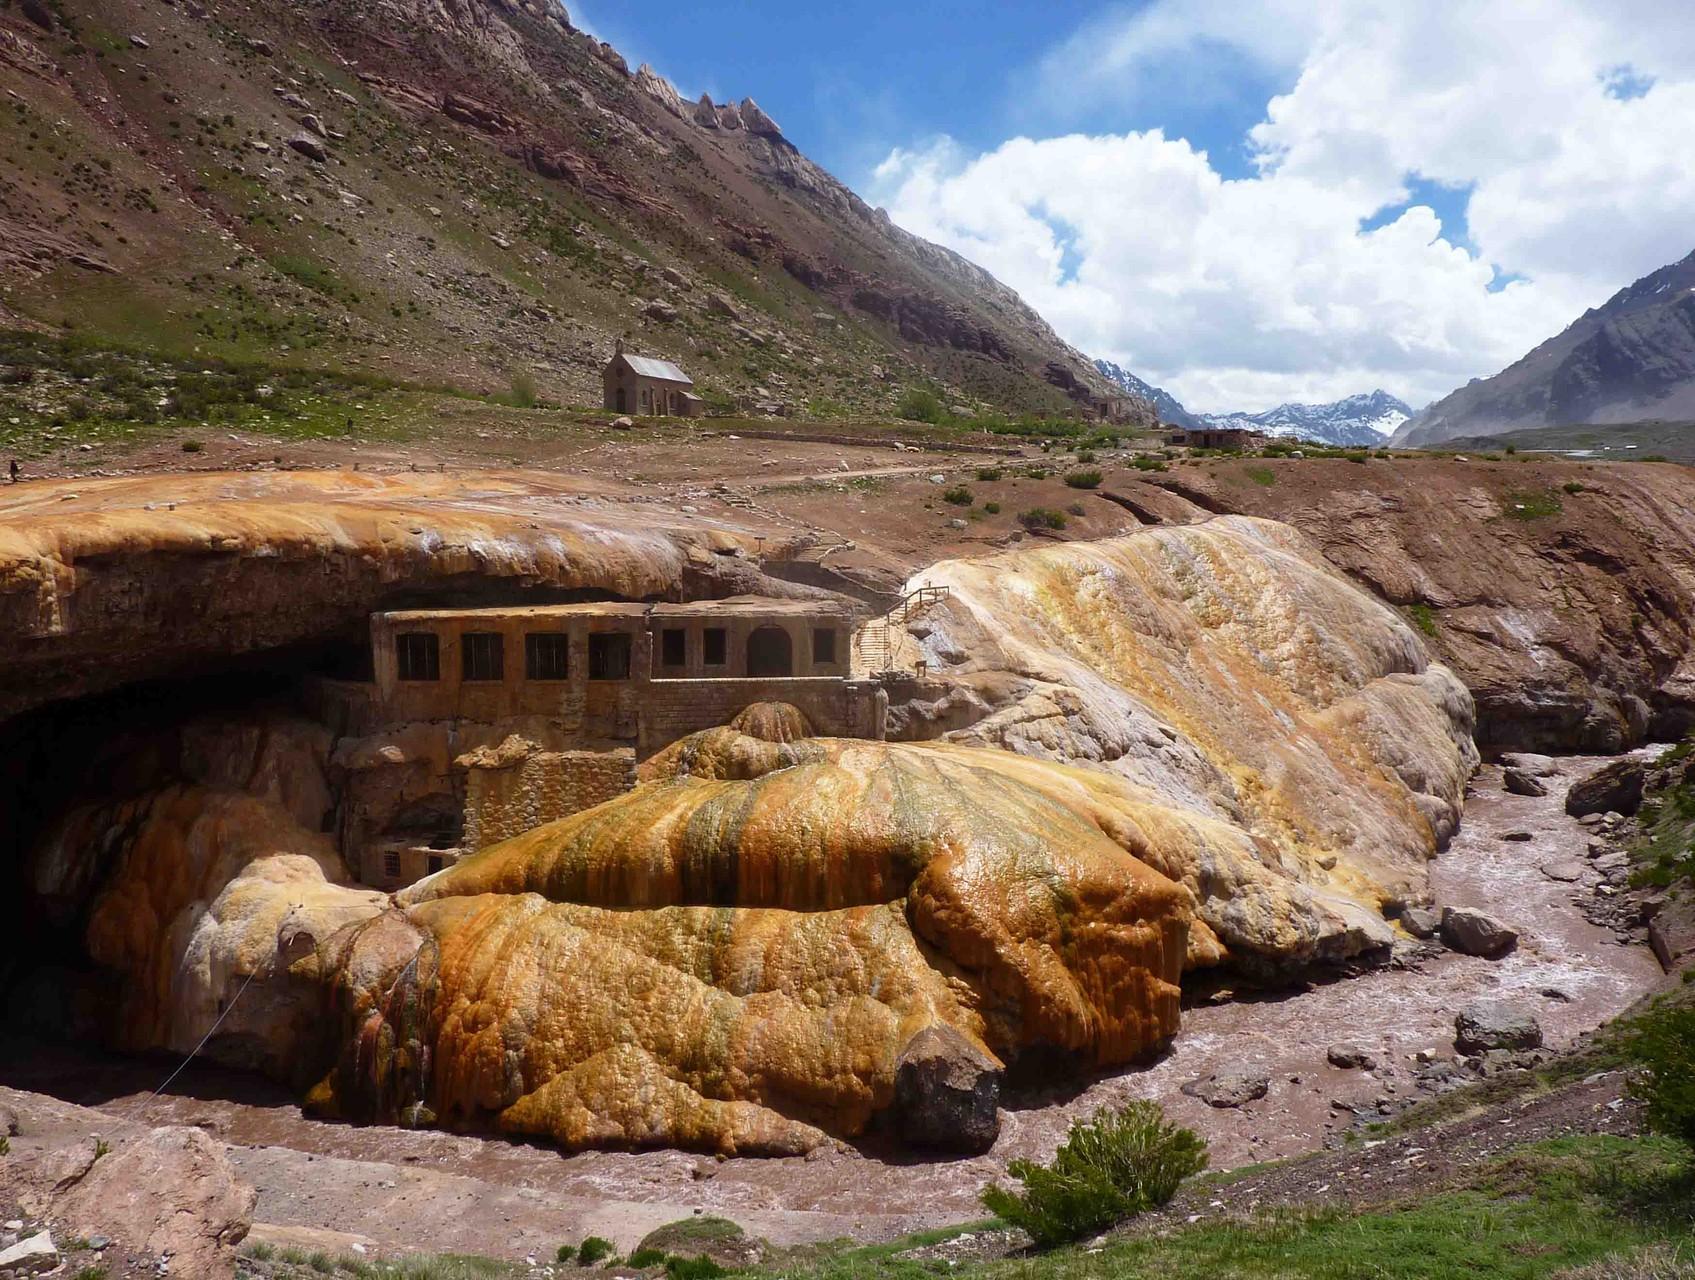 Arrêt incontournable au pont de l'Inca, arche naturelle pétrifiée